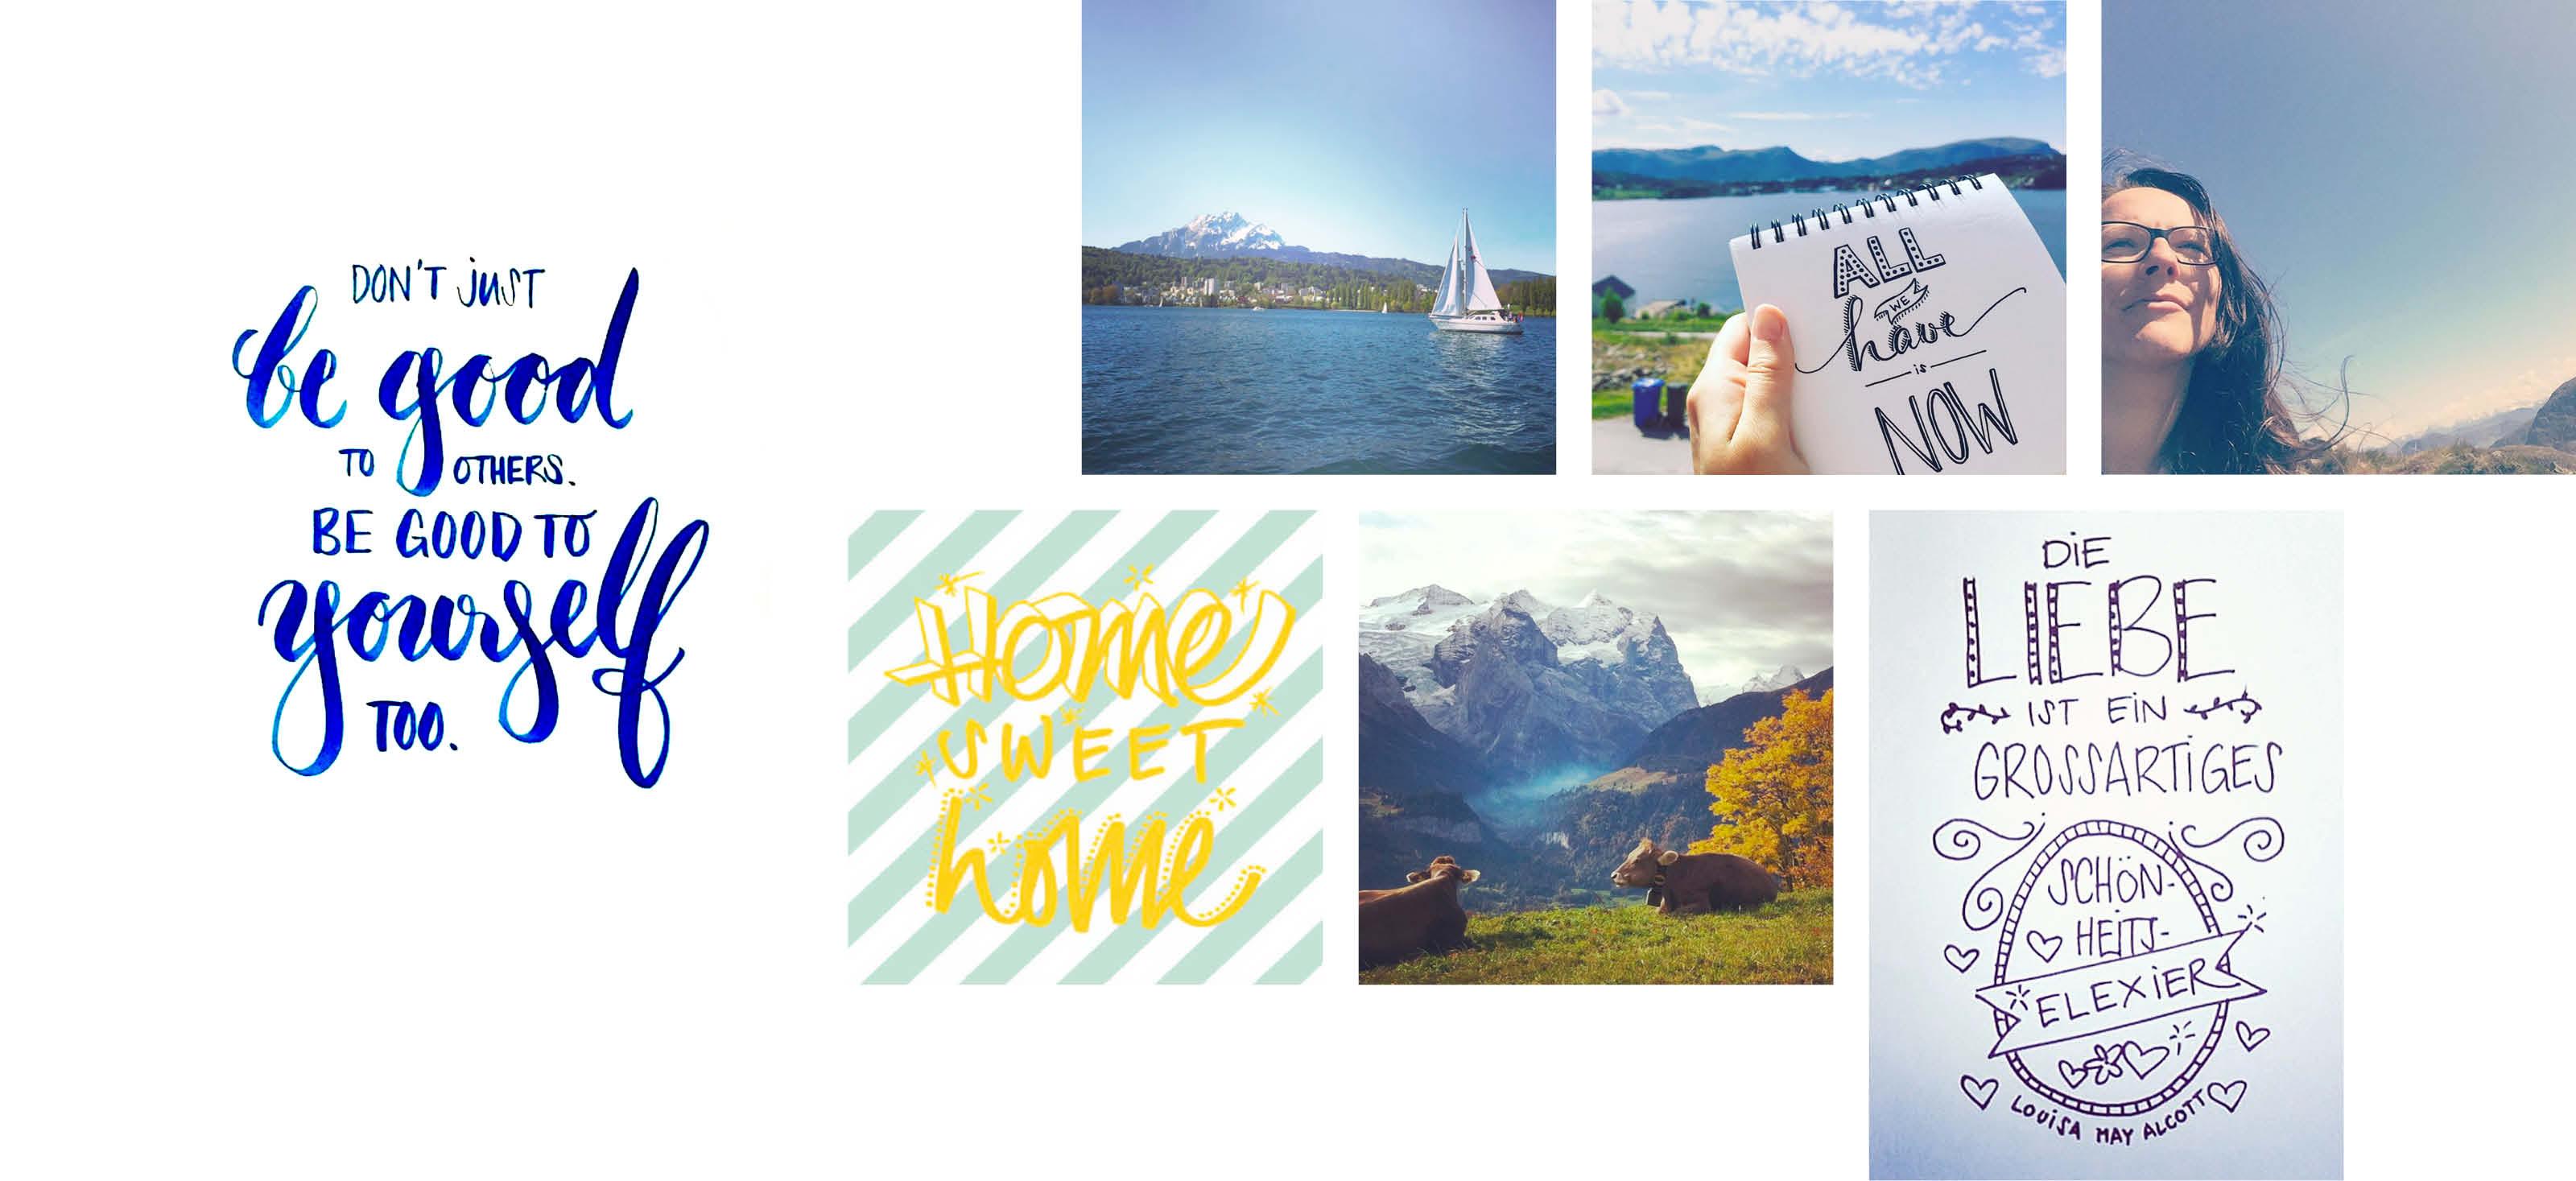 Beispiele von Bildern und schöngeschriebenen Texten von Romanas Social Media Profilen